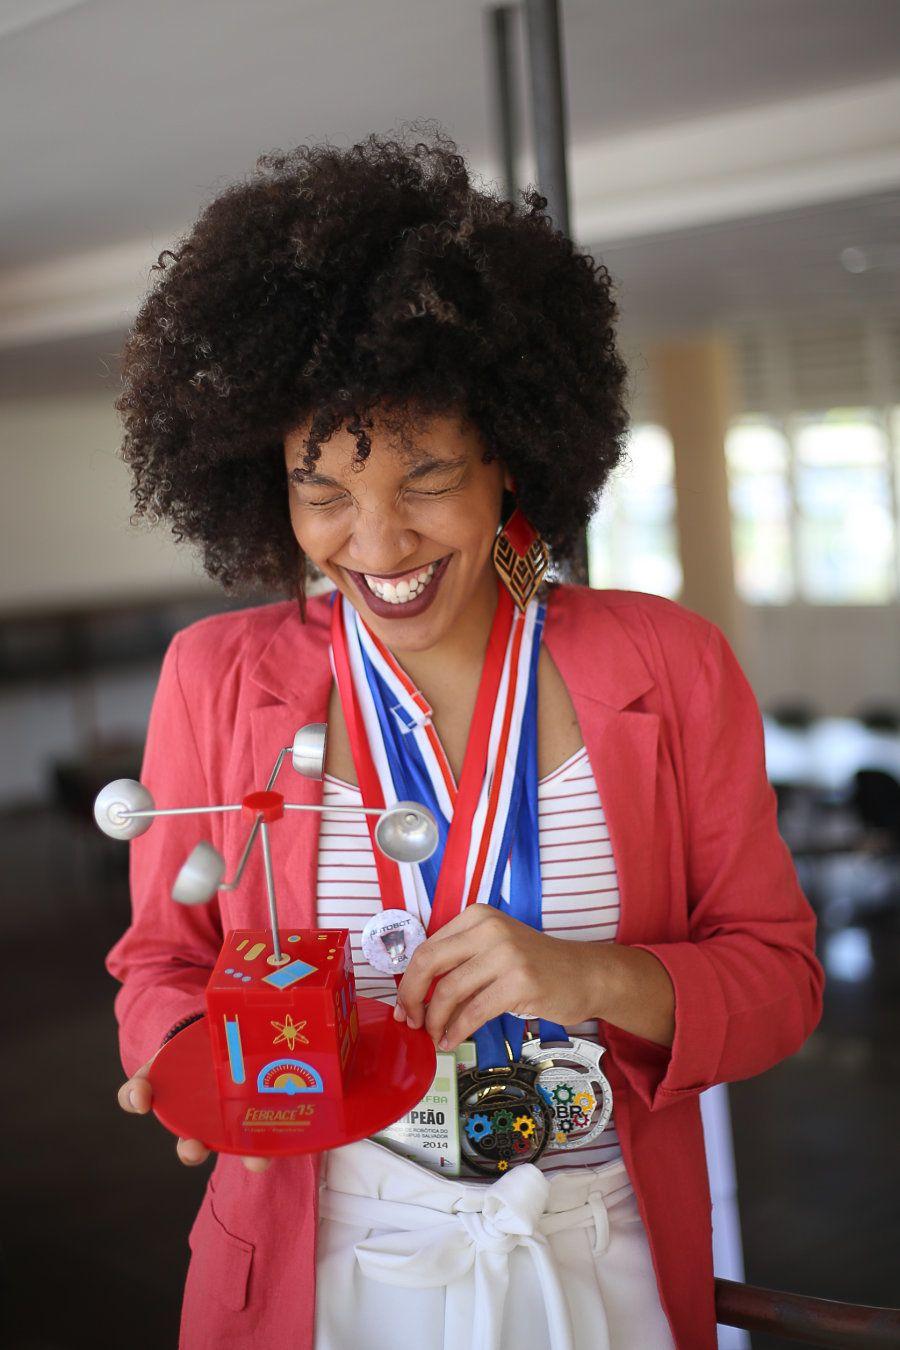 Medalhas e prêmios não foram suficientes para Lorenna: é tempo de desenvolver um produto que pudesse...